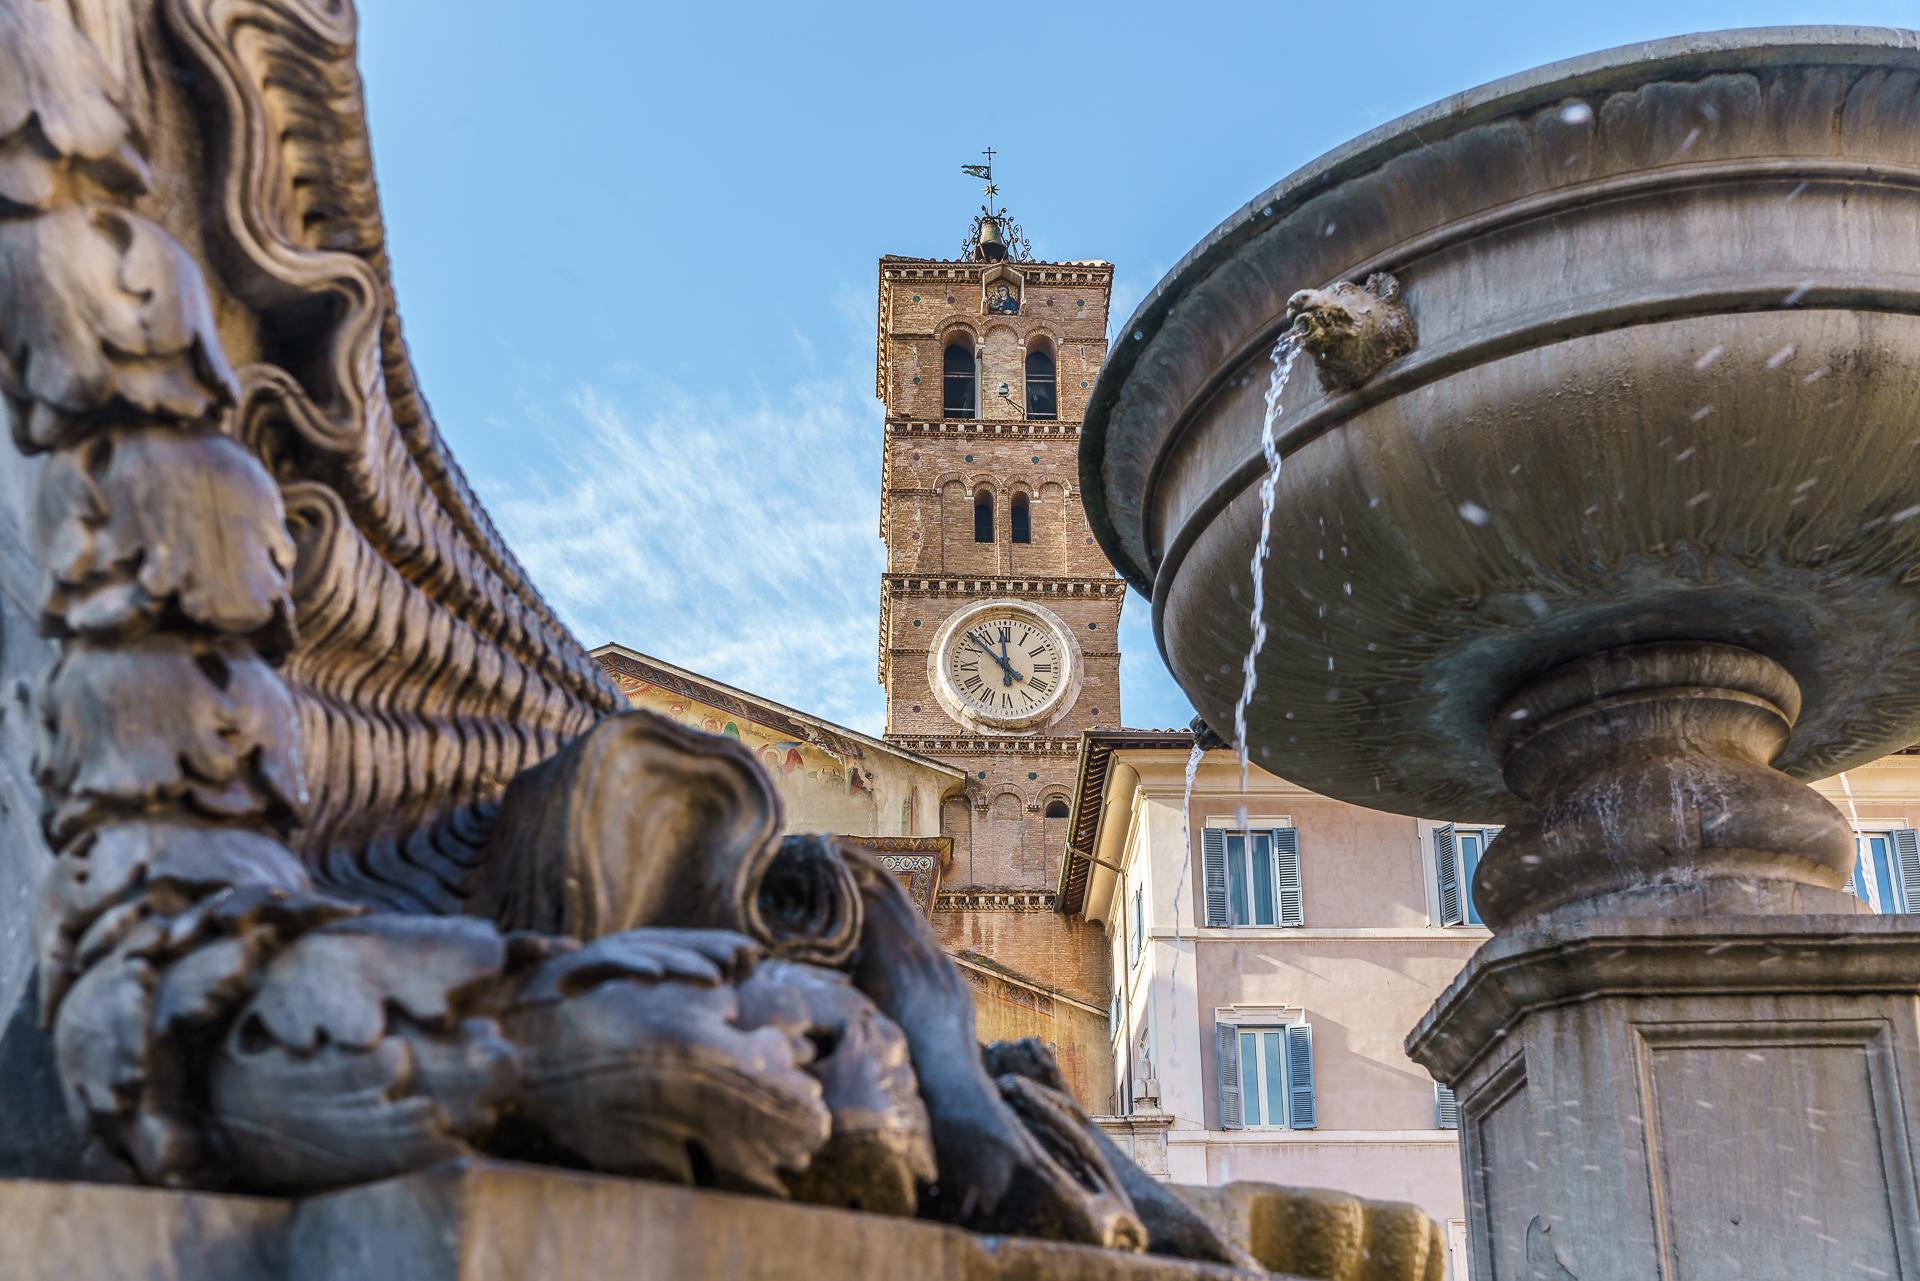 Piazza-Di-Santa-Maria-in-Trastevere